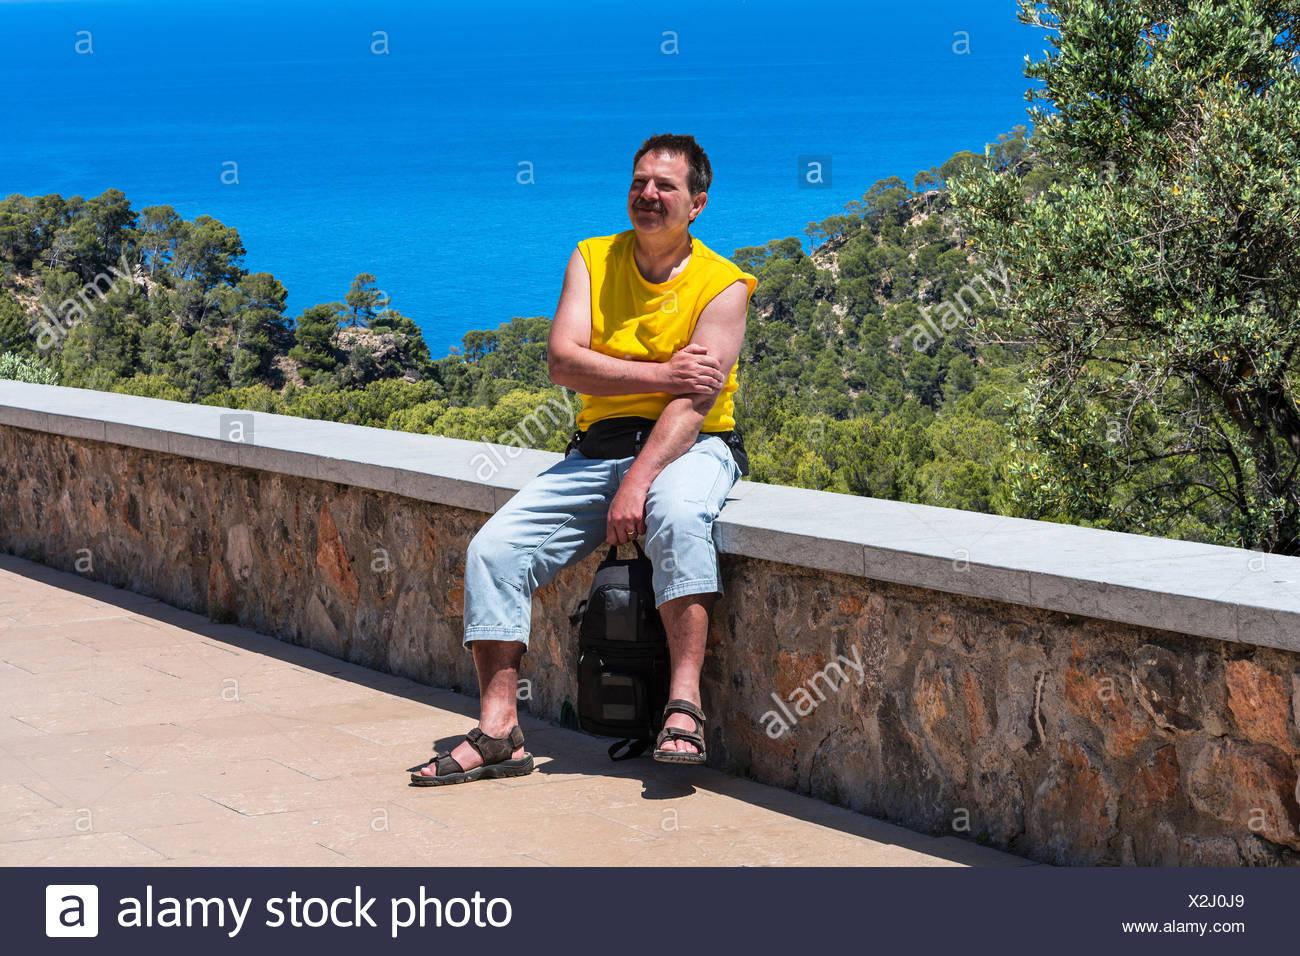 Ein Mann sitzt bei Sonneschein in einer Mauer im Hintergrund Pinienwald und das blaue Meer. Aufnahme in Mallorca, Spanien. Stockbild